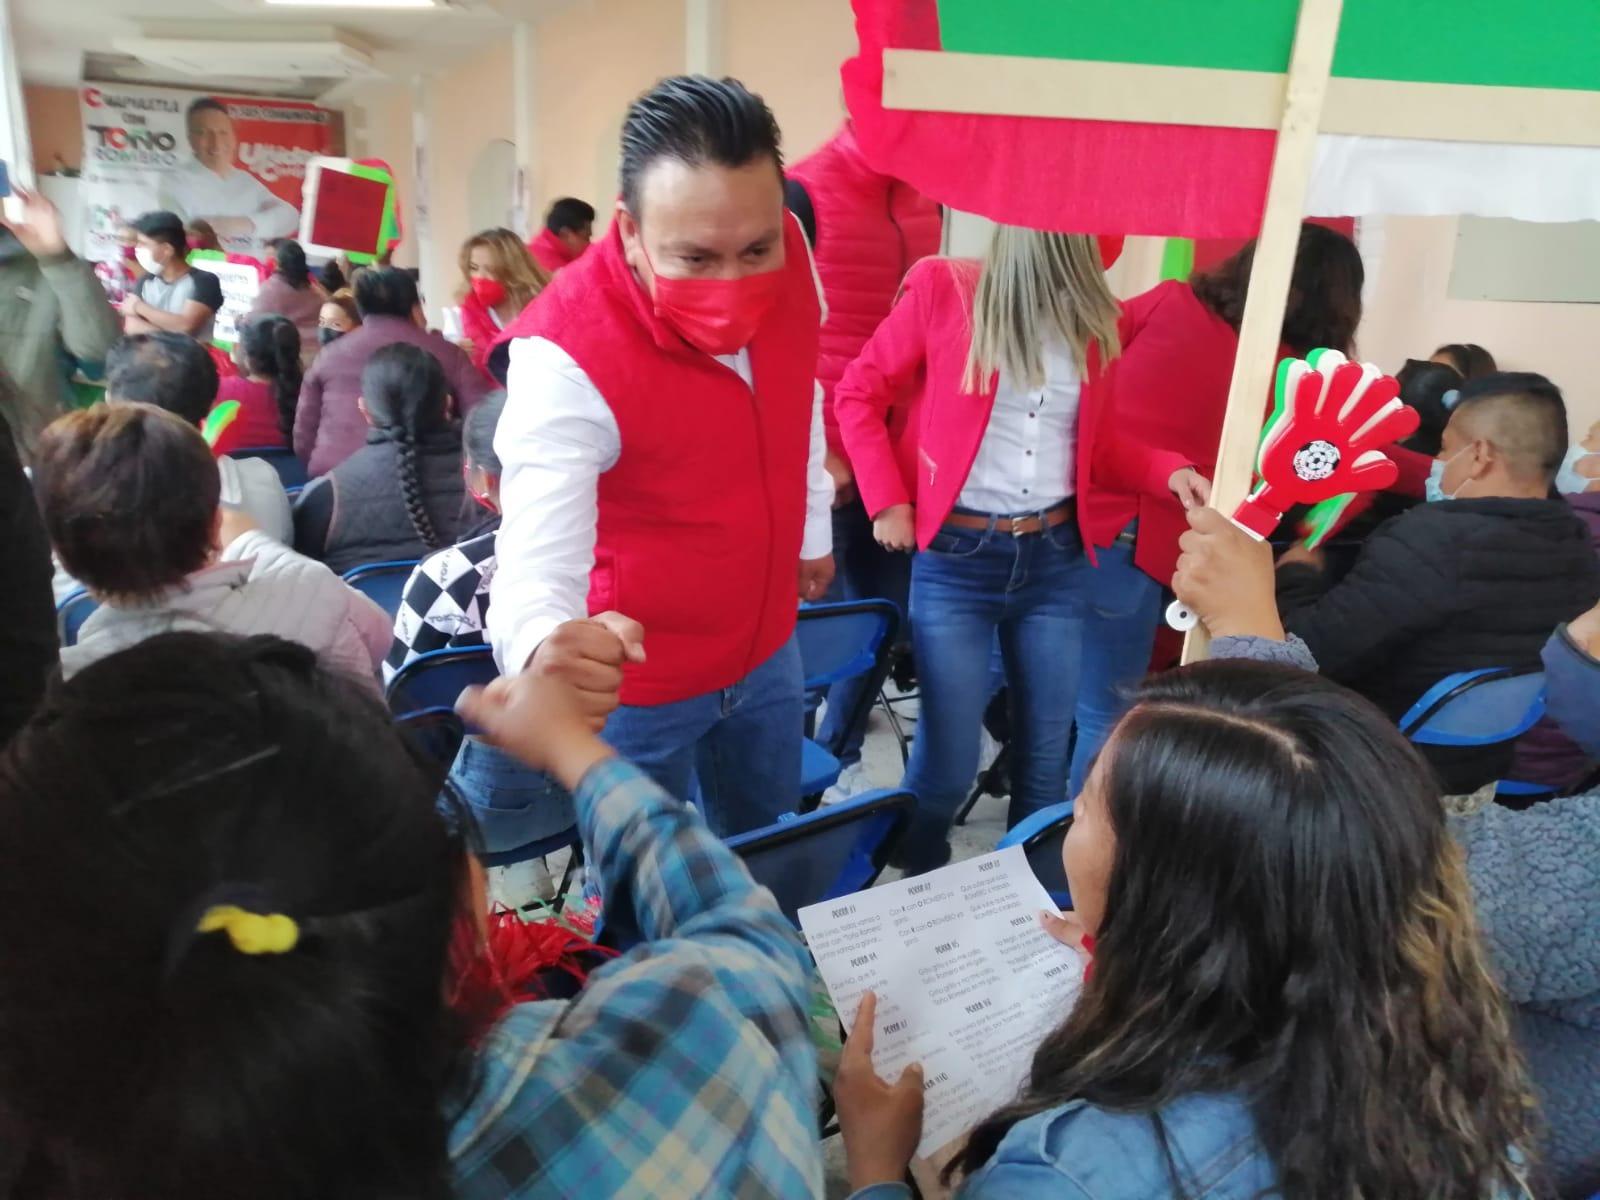 Toño Romero visualiza a Cuapiaxtla con más oportunidades para todos